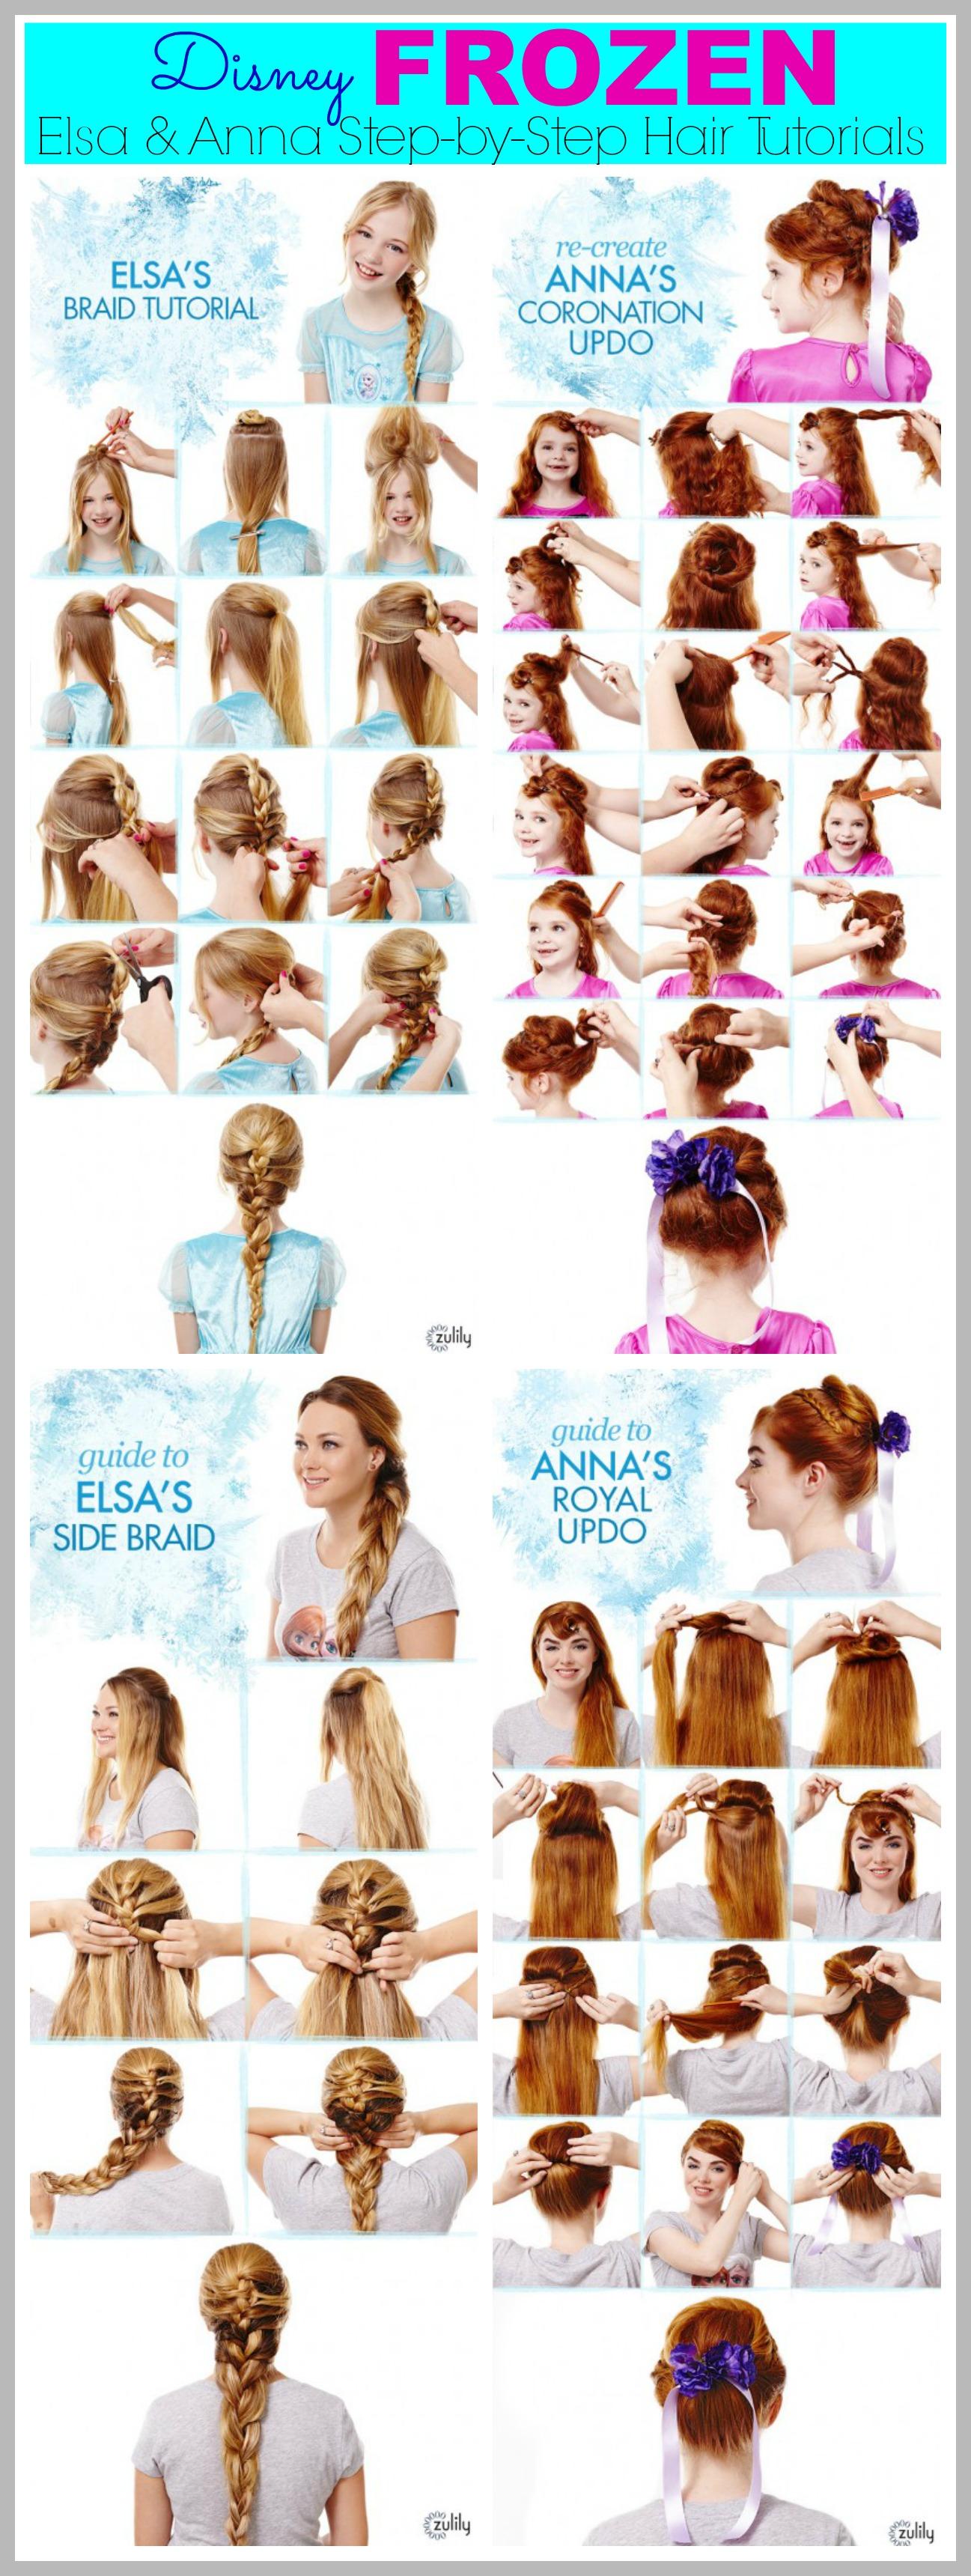 disney-frozen-hair-tutorial-Collage